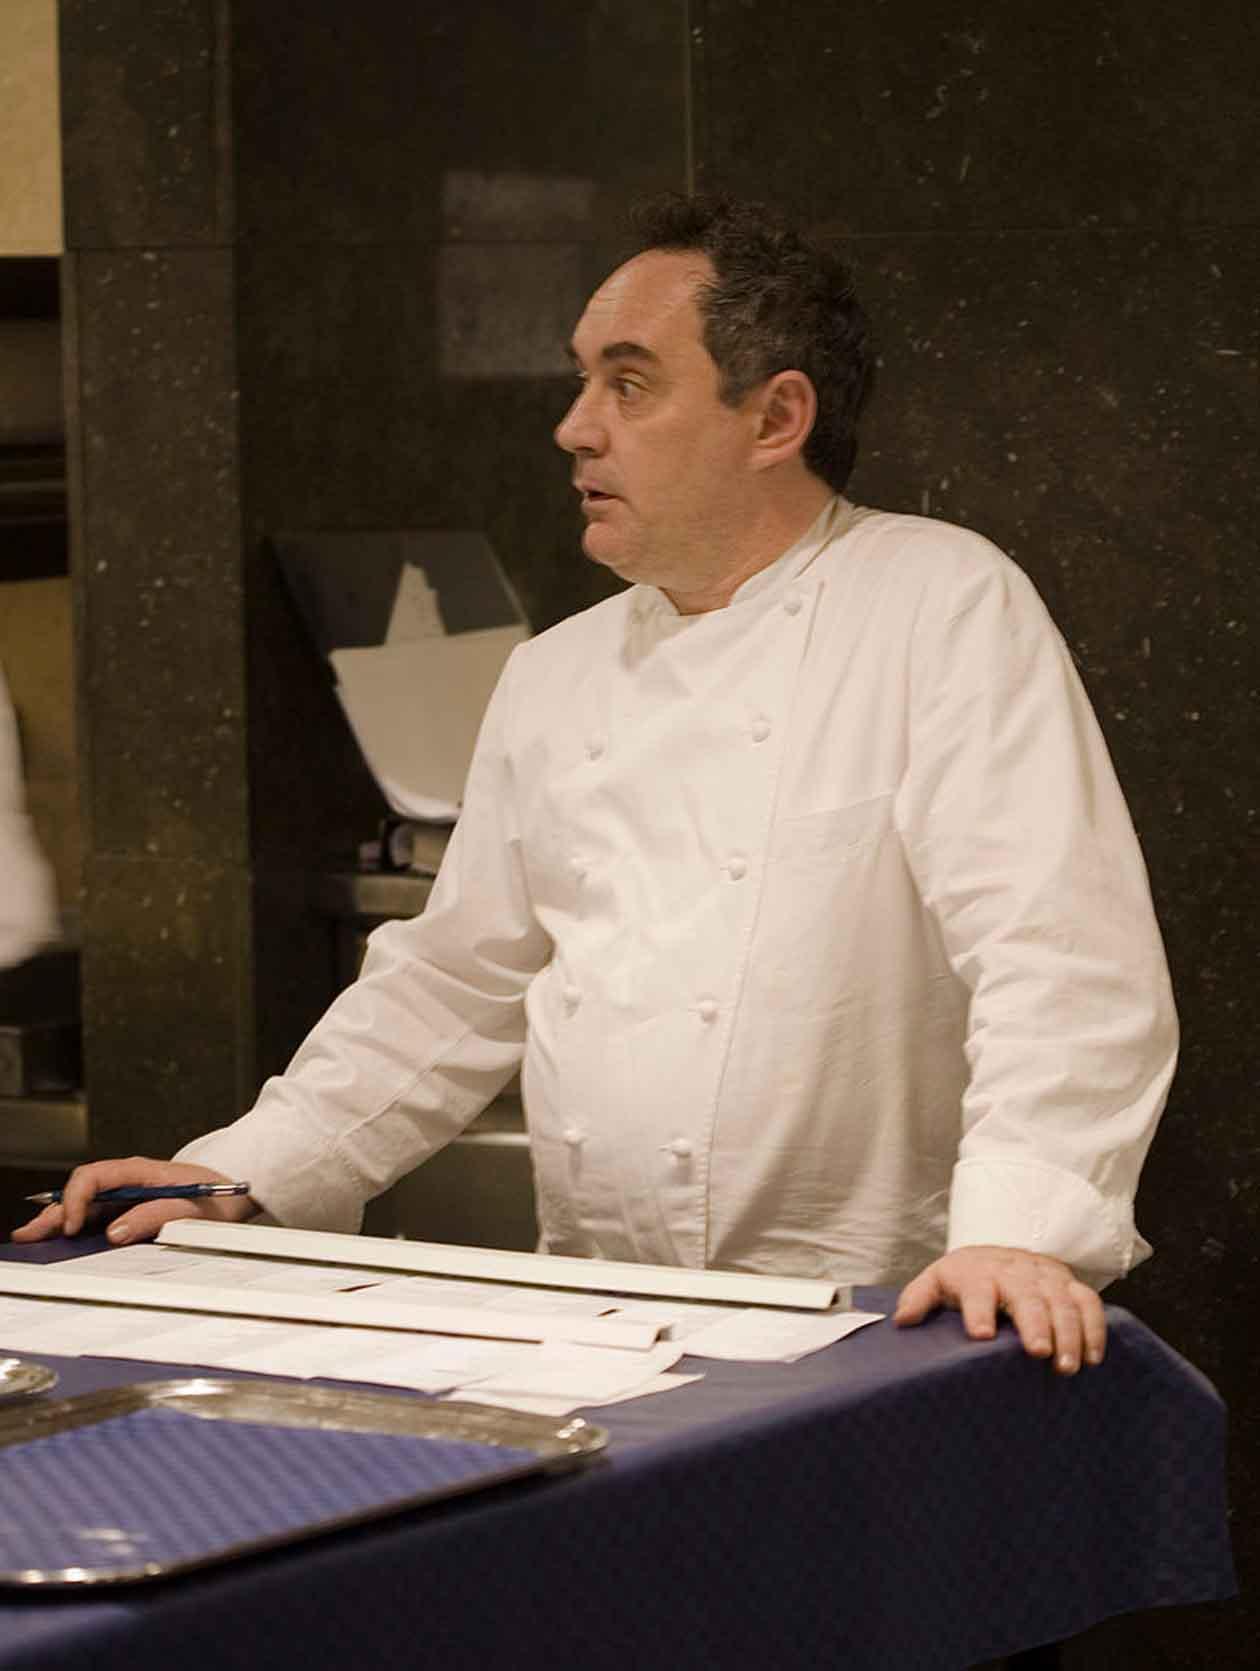 Os 30 chefs e chefs mais famosos da história 9